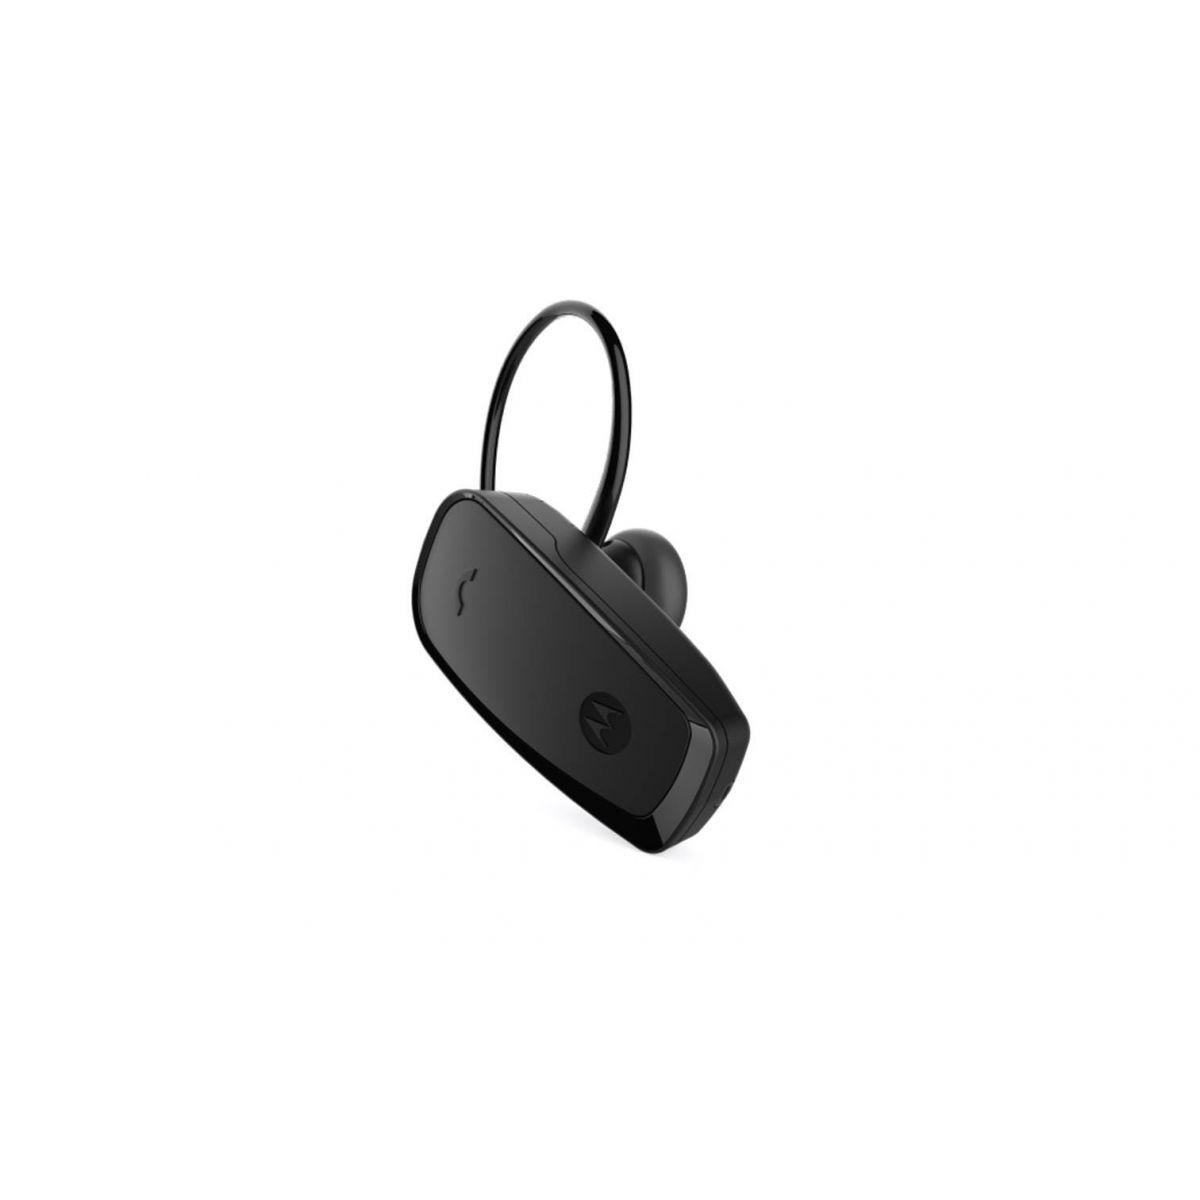 Headset Bluetooth Motorola Hk115, Microfone, Bateria Log Duração, Alcance 90m, Multi Ponto - Preto